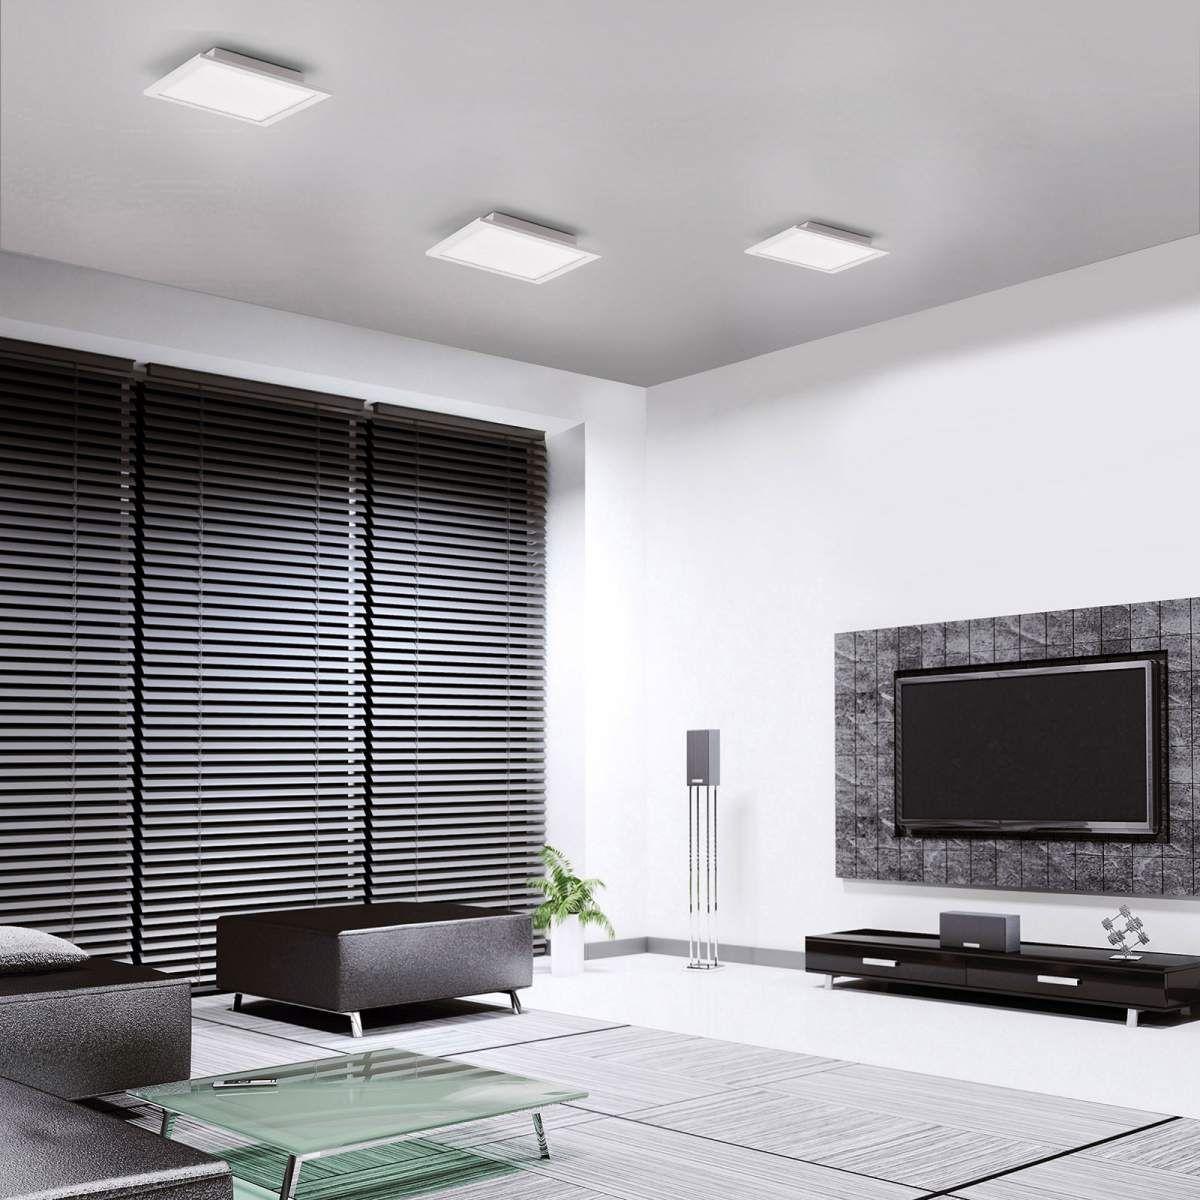 Moderne Smart Home Deckenleuchten Flat Von Leuchten Direkt Weiss Led Deckenleuchte Led Und Intelligentes Haus